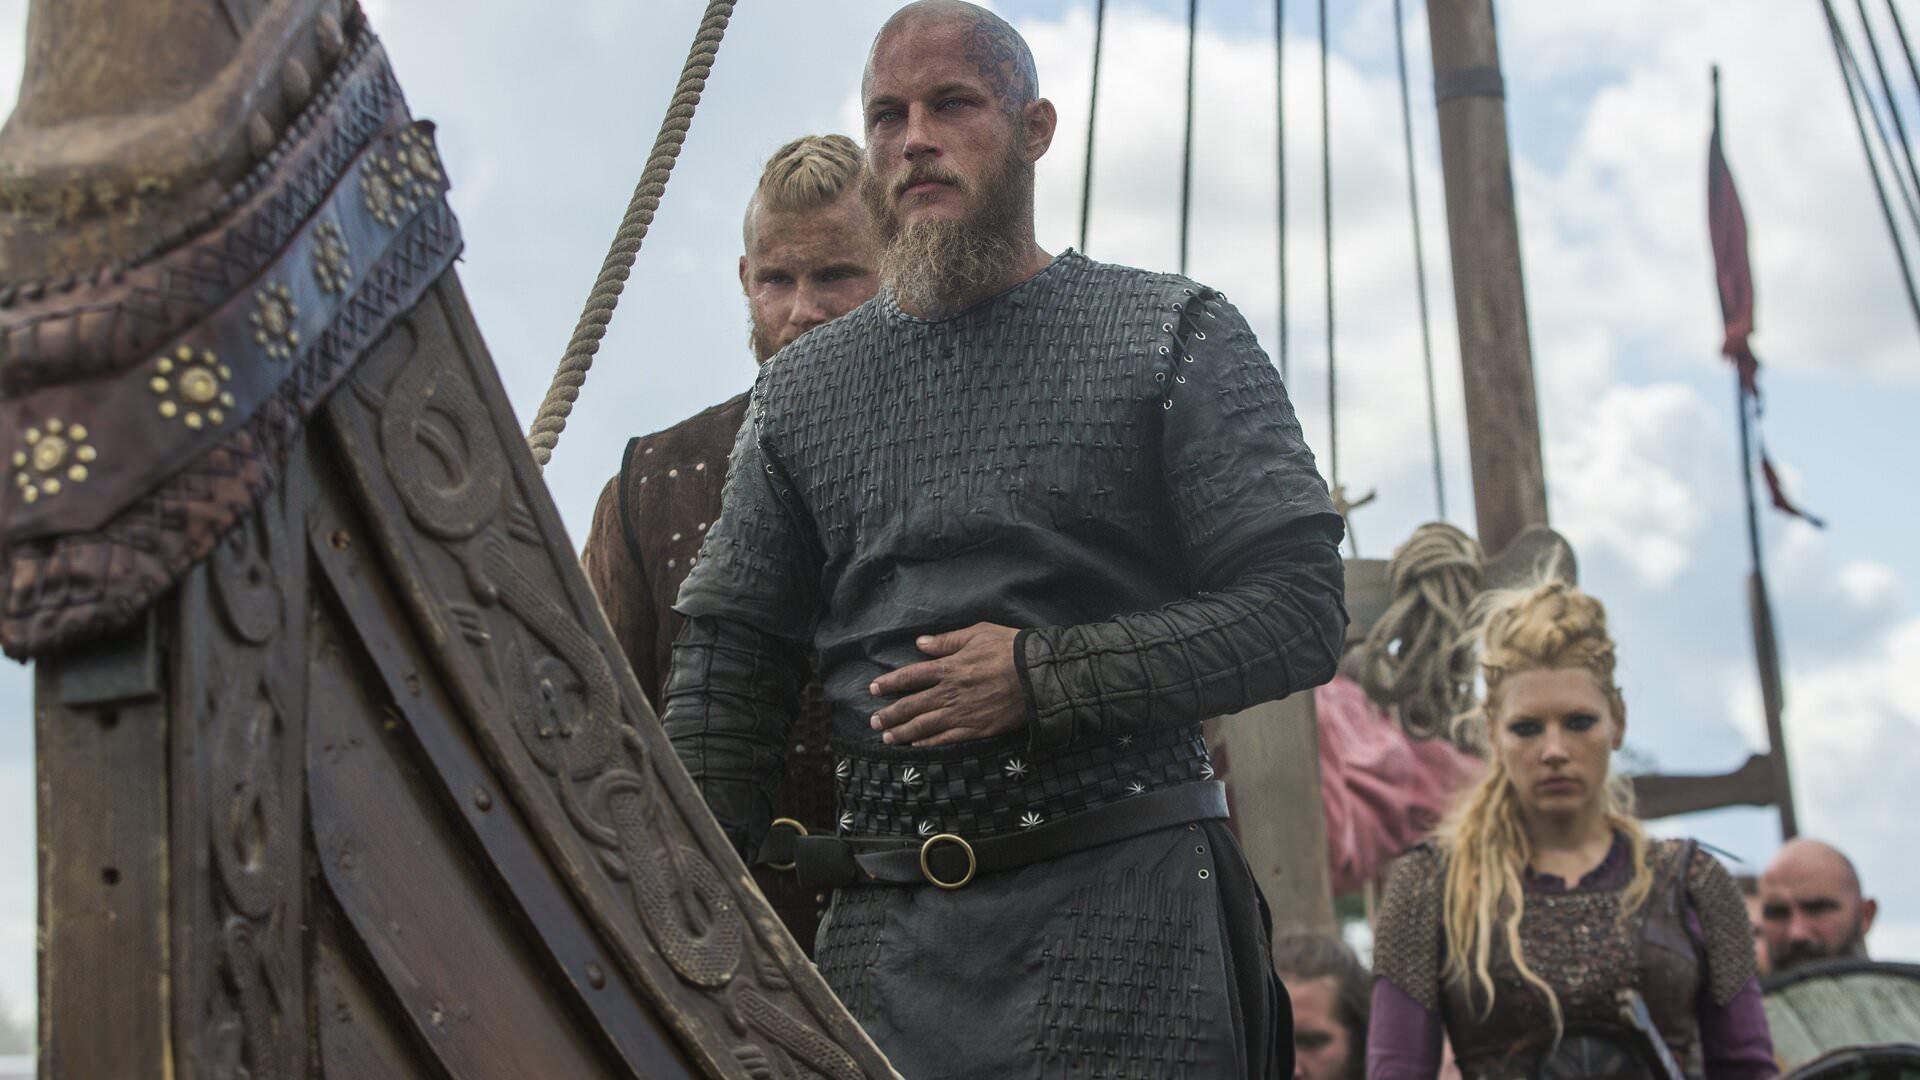 اعلام فهرست بازیگران دنباله سریال Vikings توسط نتفلیکس